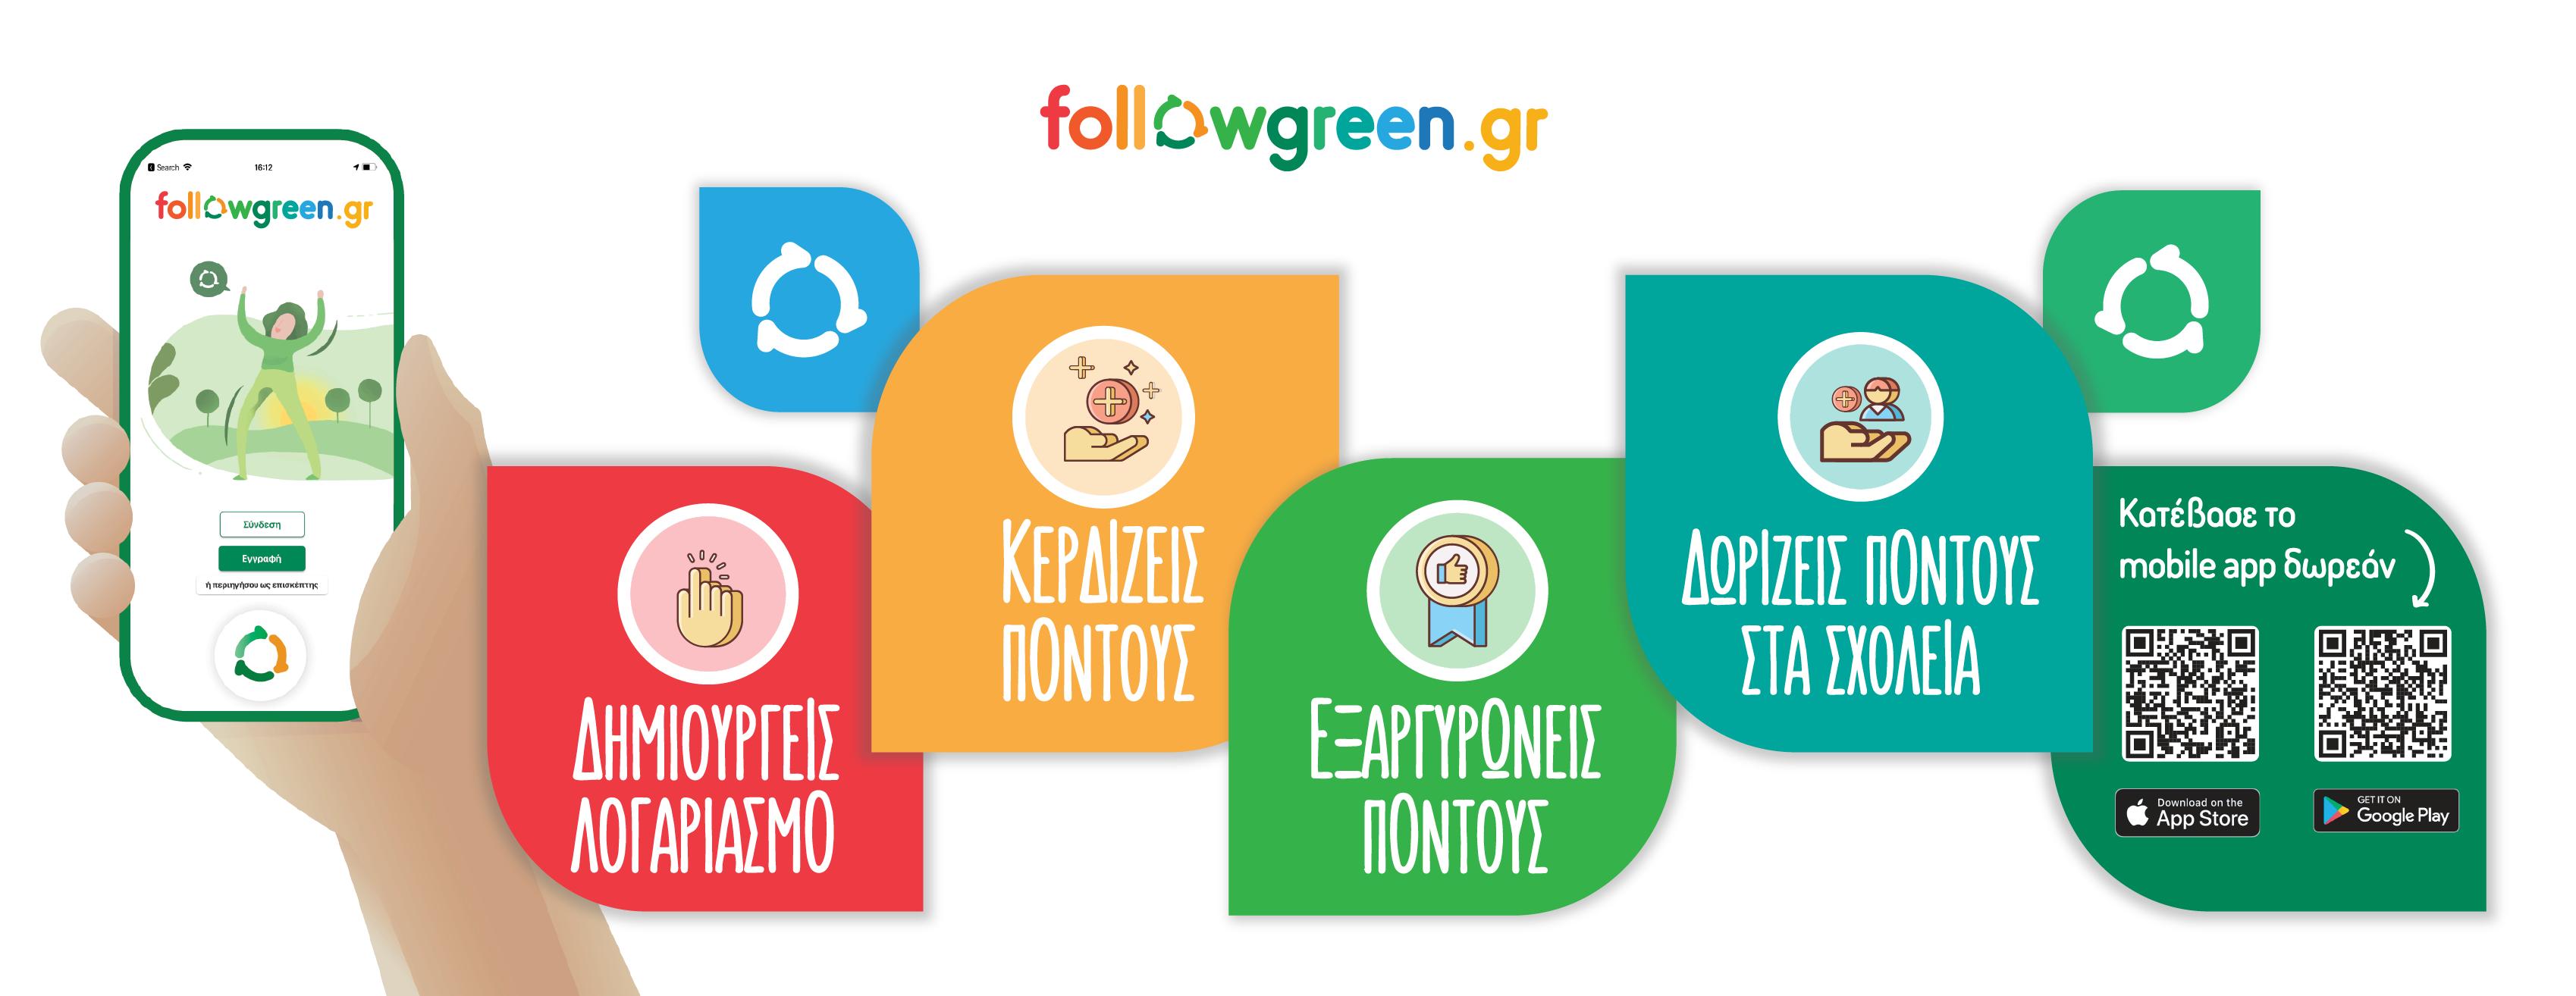 Τι είναι η πλατφόρμα Followgreen και πώς λειτουργεί;